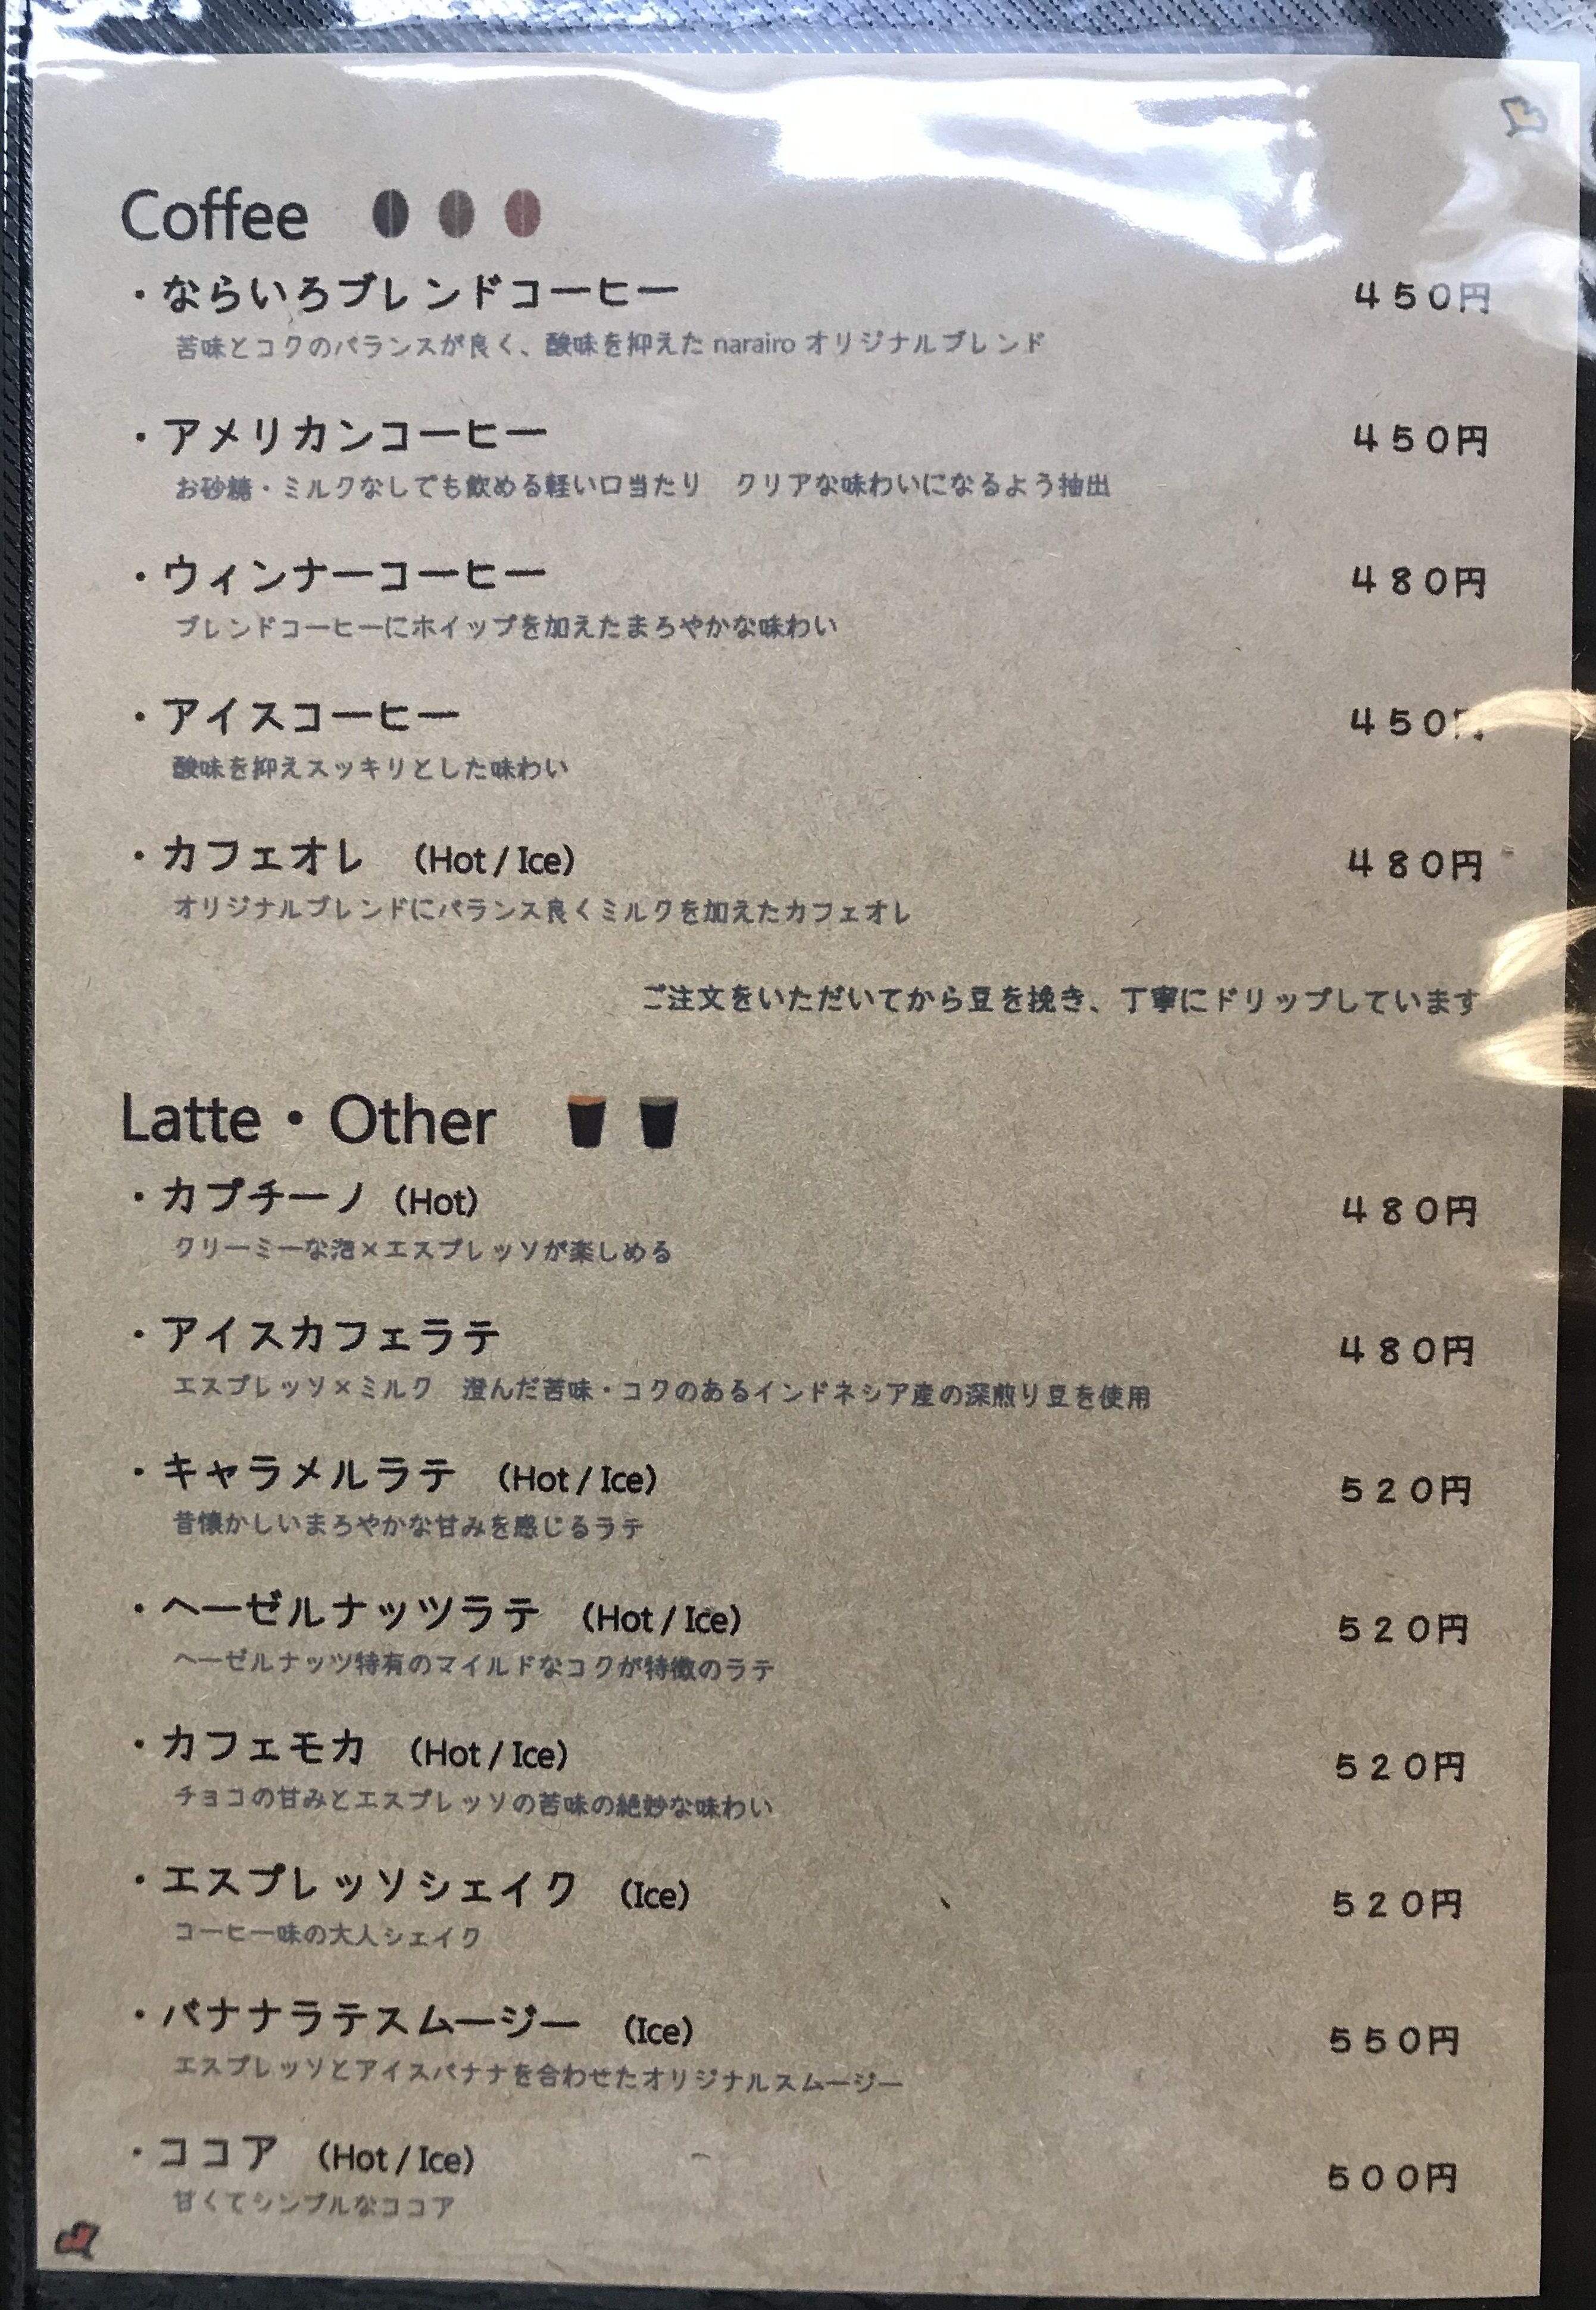 橿原神宮前近くランチカフェができるnarairoのコーヒーメニュー